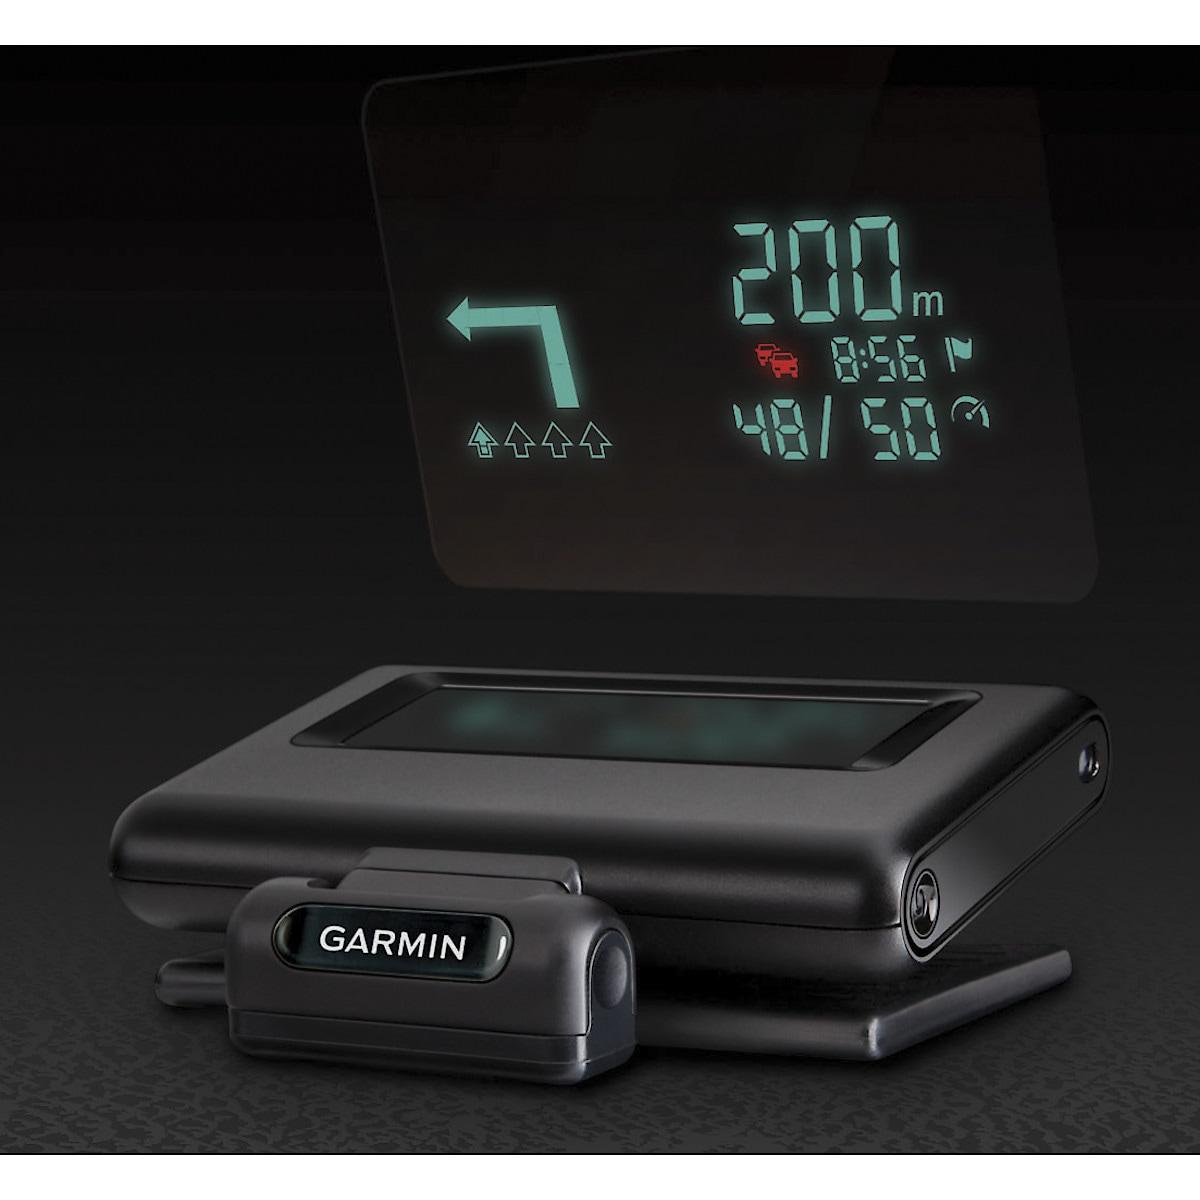 Garmin Head-Up Display HUD+